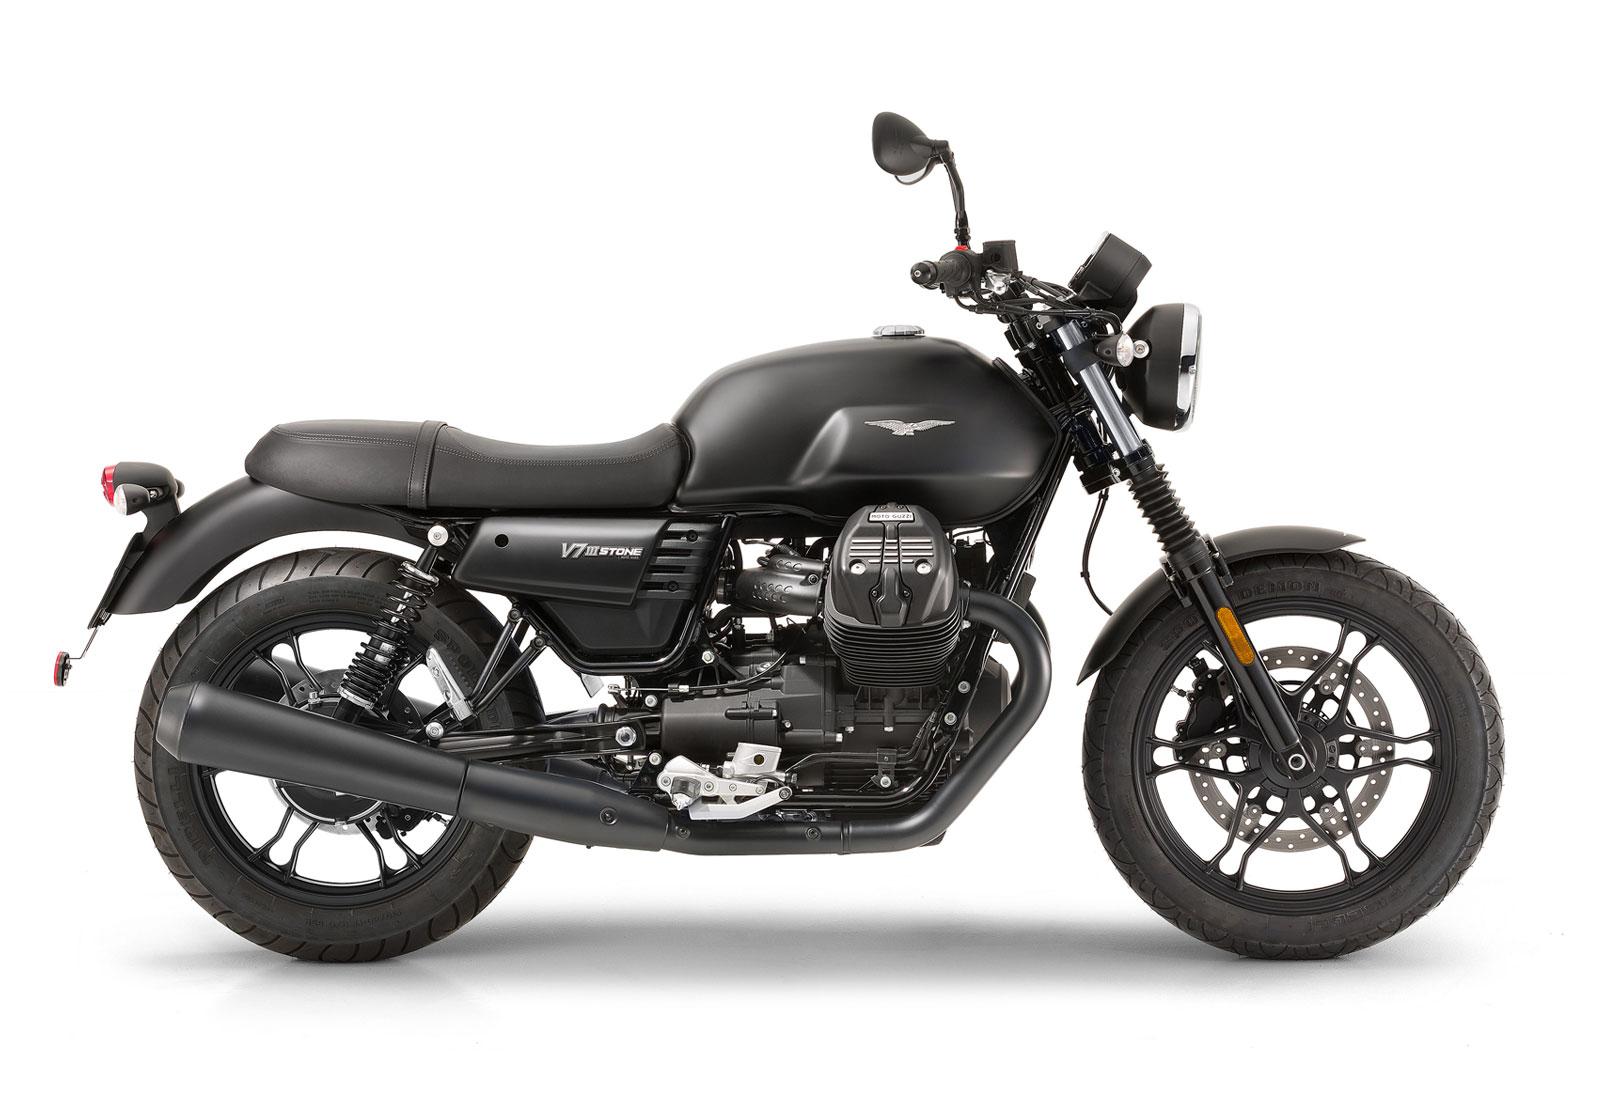 Moto de perfil, modelo Stone, color negro. Marca Motoguzzi